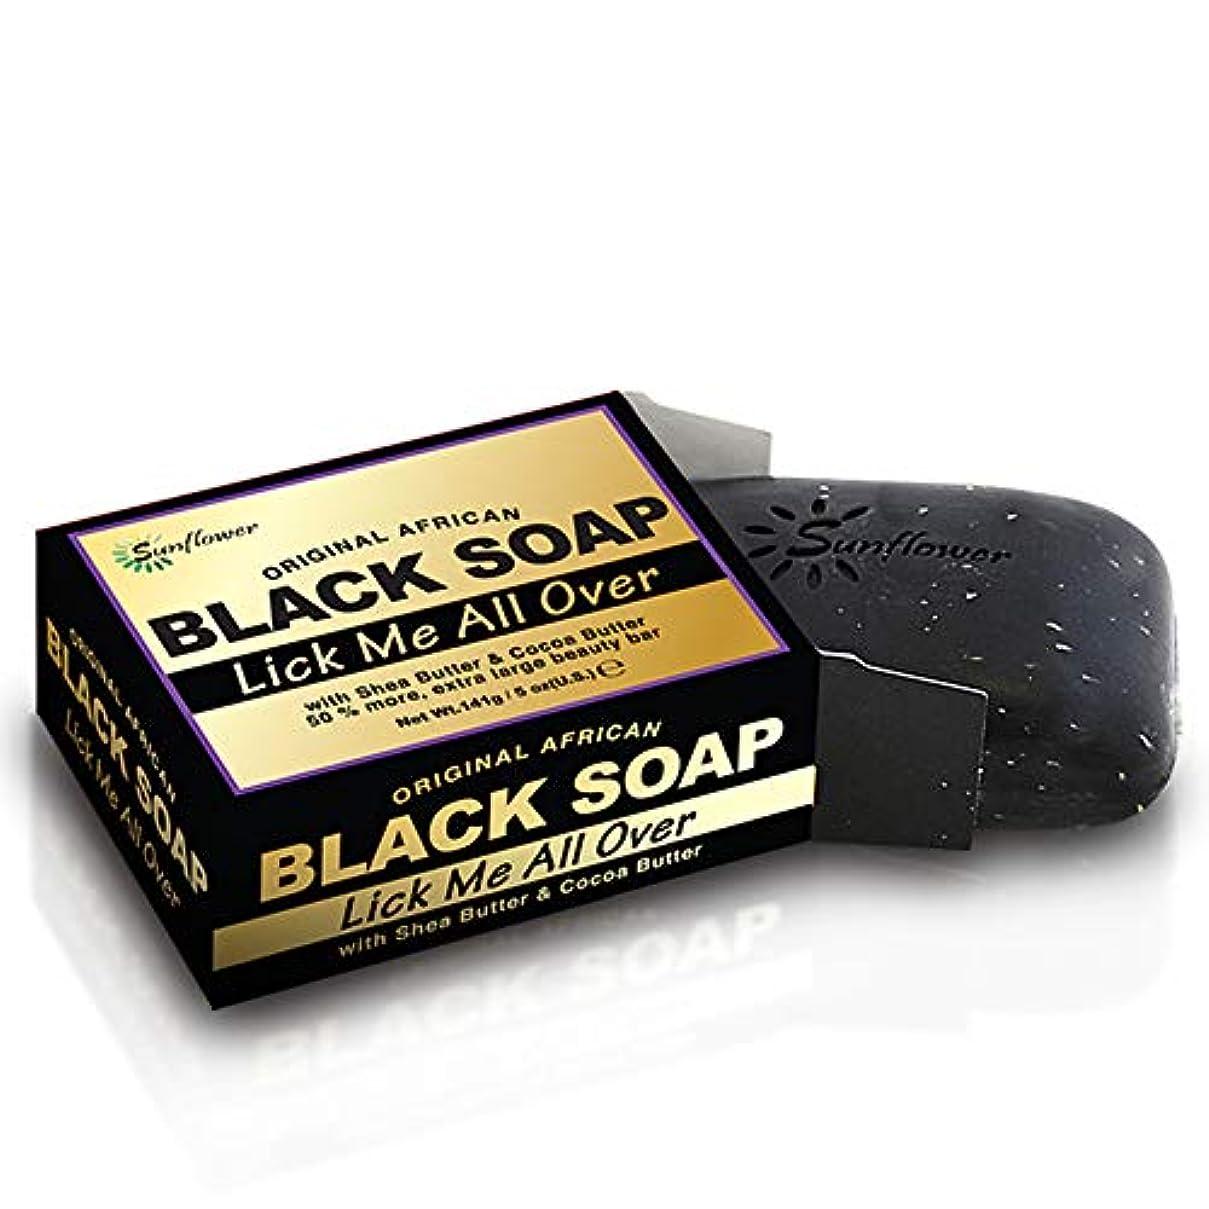 しない解明気付くDifeel アフリカンブラックソープ - リックミーオール140g以上(6パック)